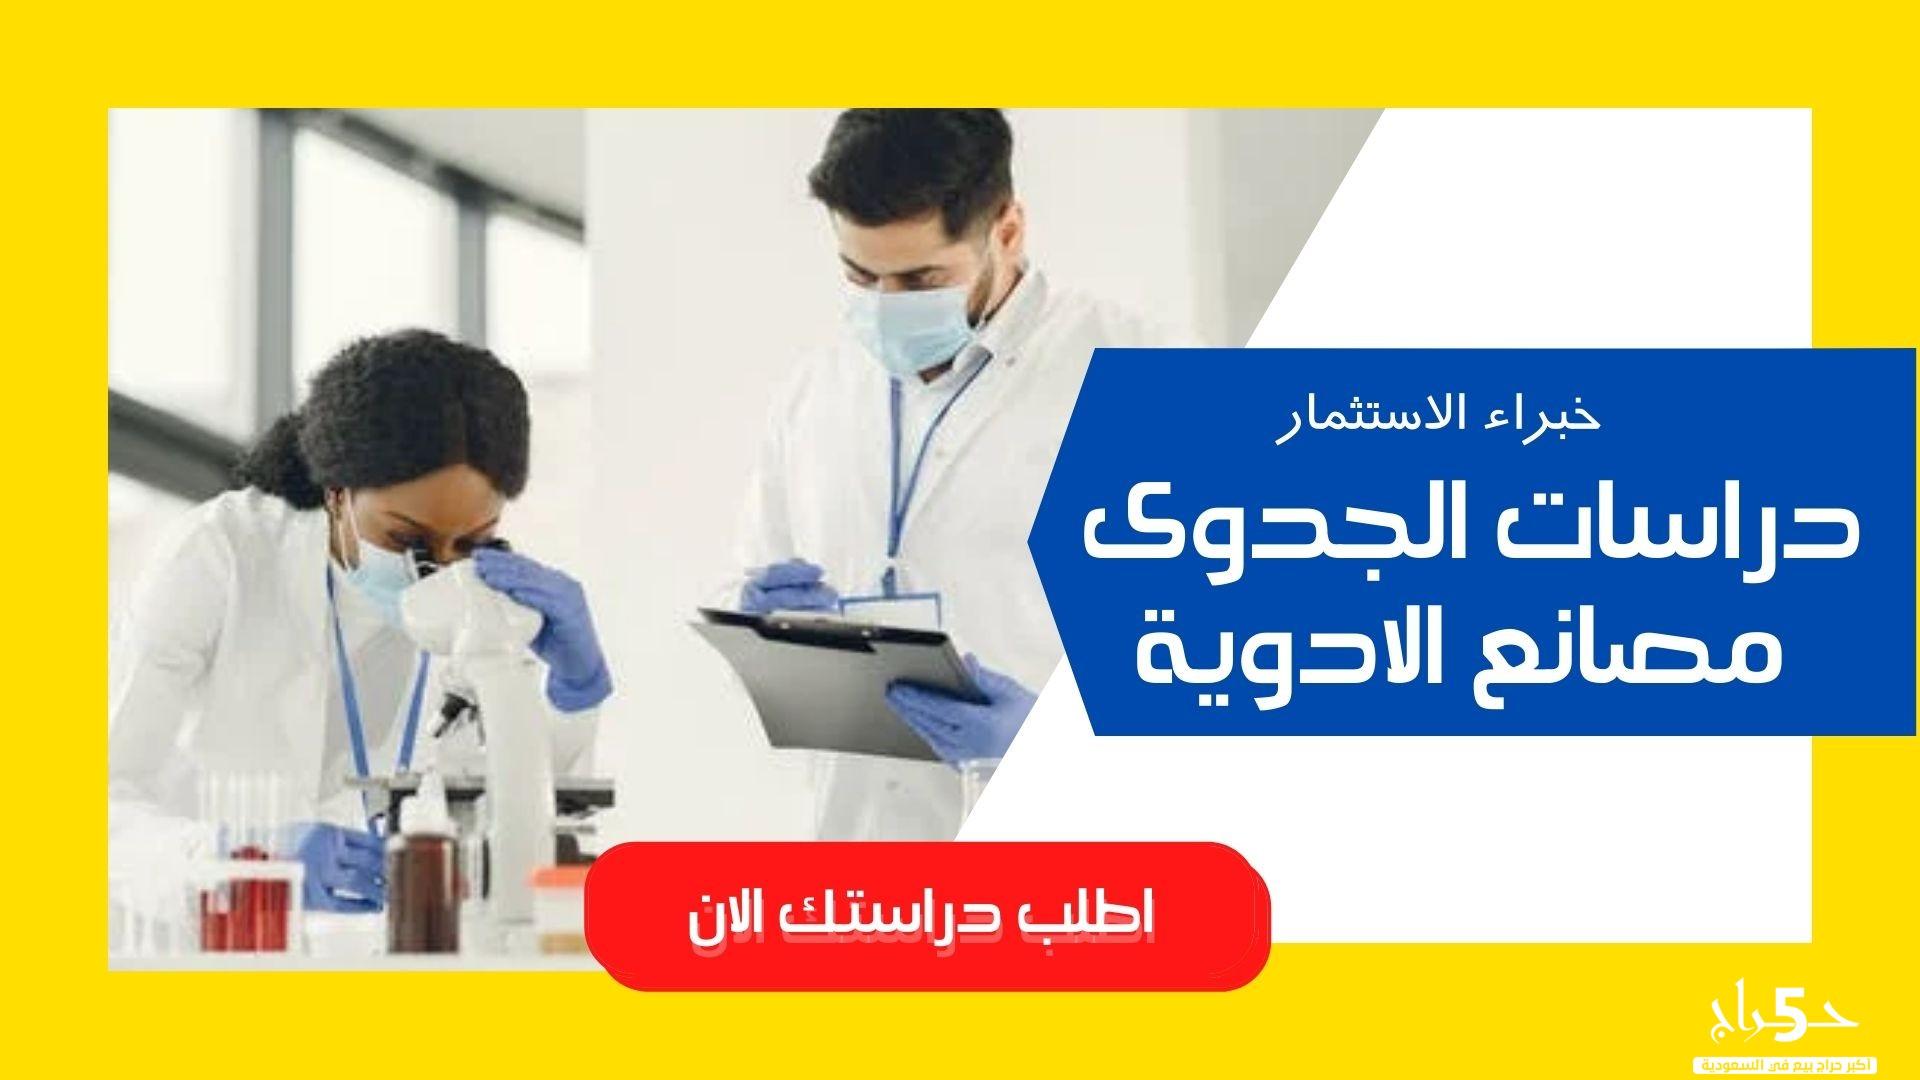 دراسة جدوى مصنع أدوية